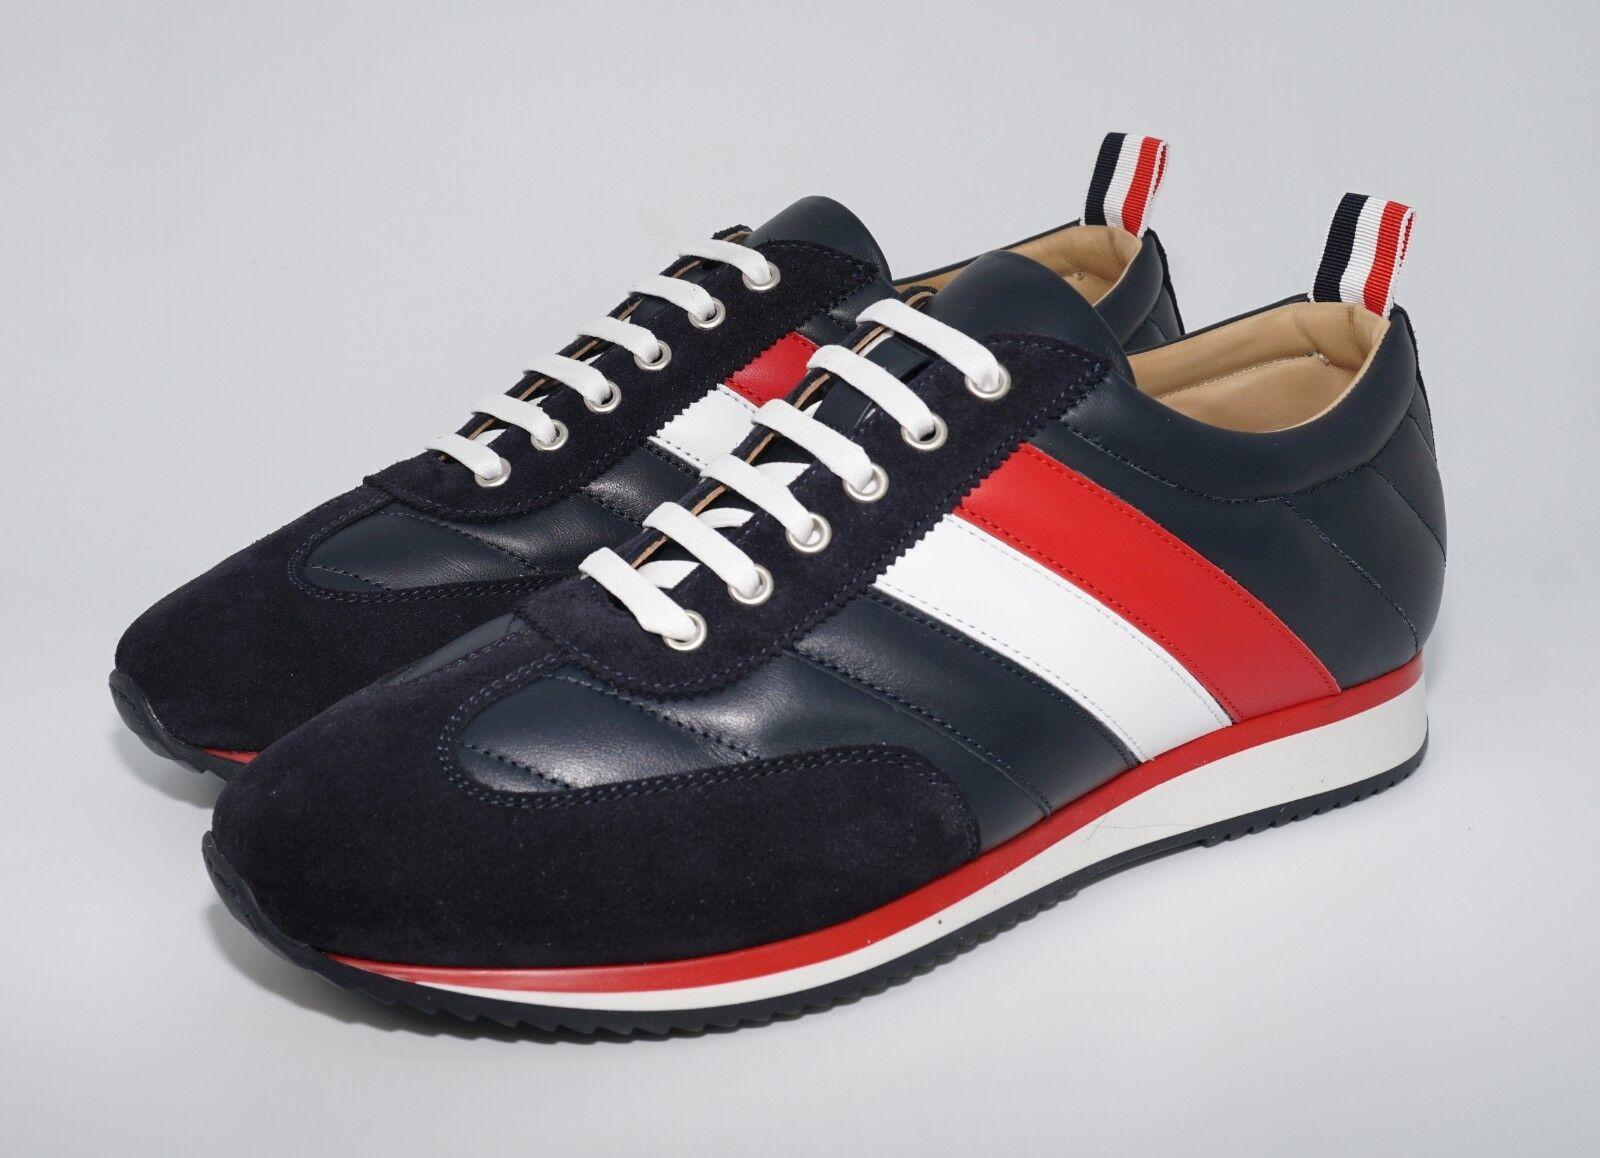 nuova esclusiva di fascia alta Thom Marronee Uomo Quilted Leather and Suede Running scarpe da da da ginnastica, Navy, MSRP  760  comodamente